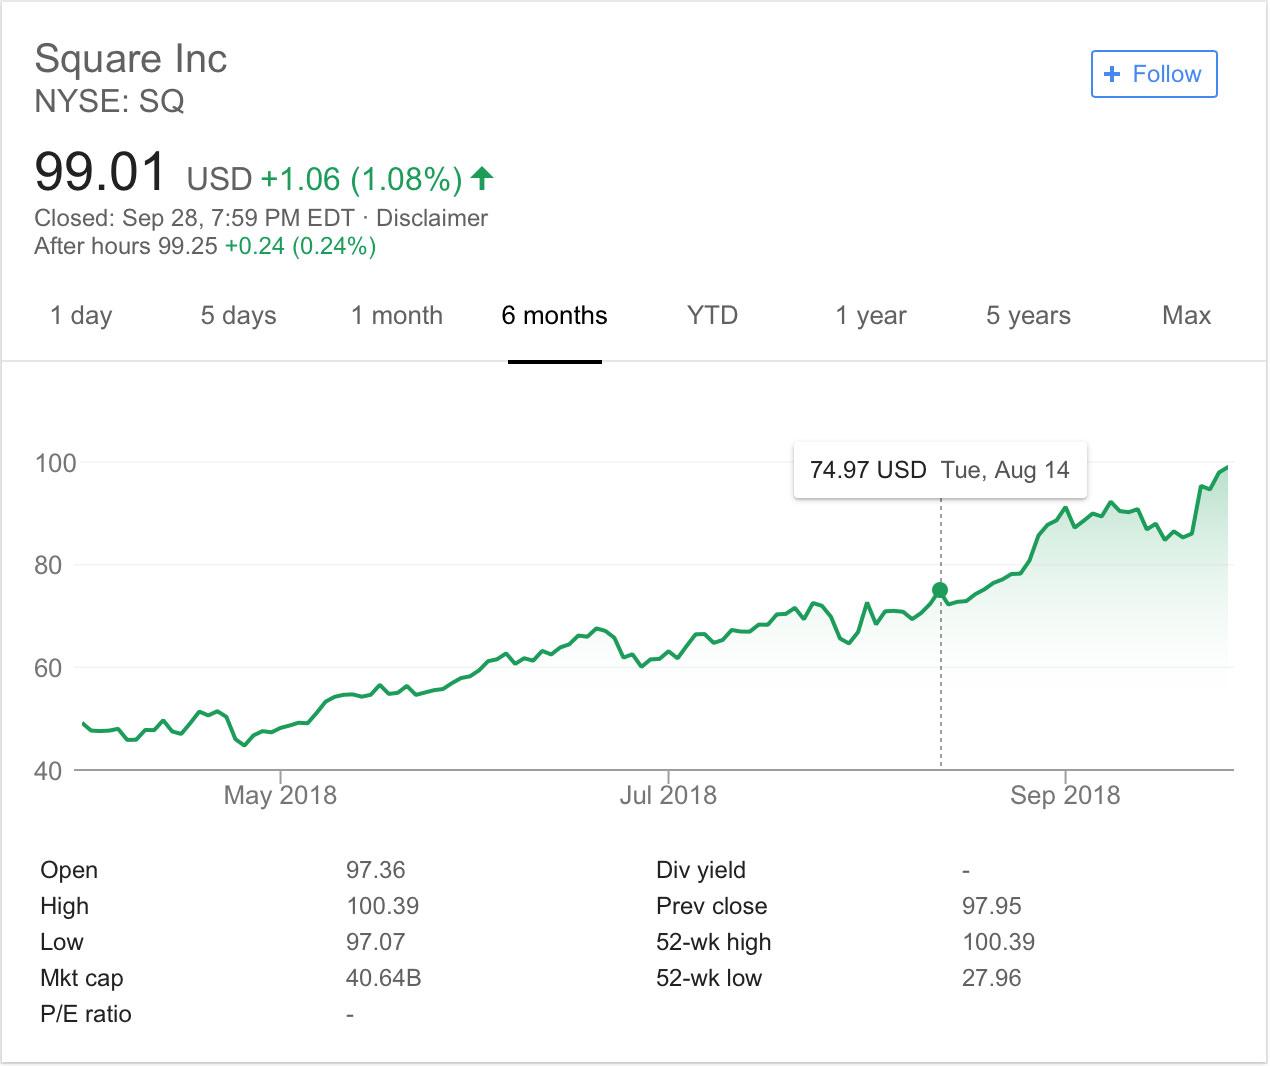 仮想通貨決済アプリの公開後に成長を加速させる「Square社」の株価